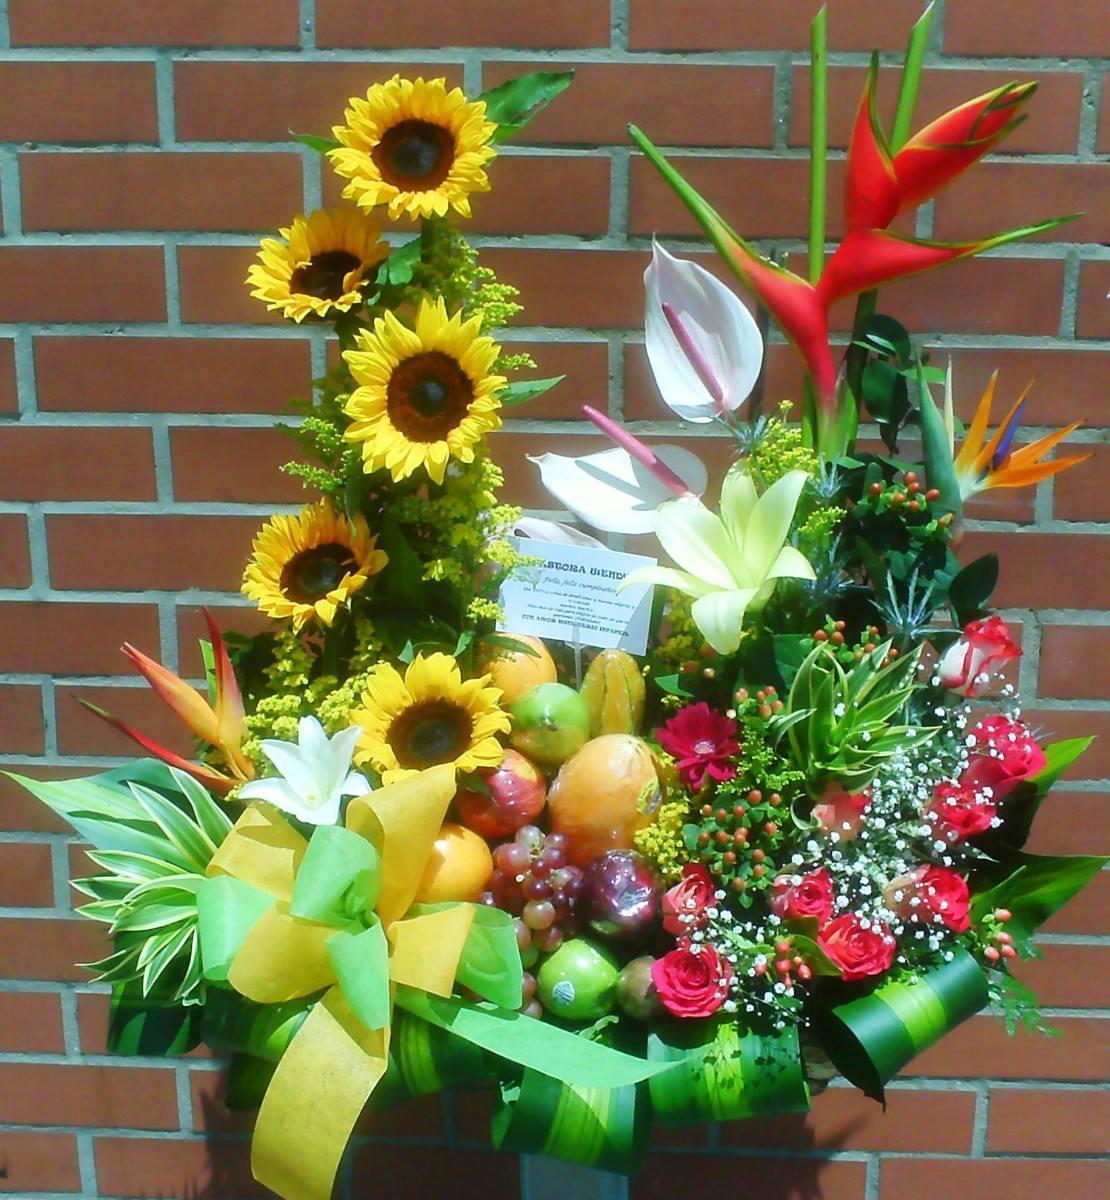 Floristeriazarcillos floristeria los zarcillos - Frutas artificiales para decoracion ...